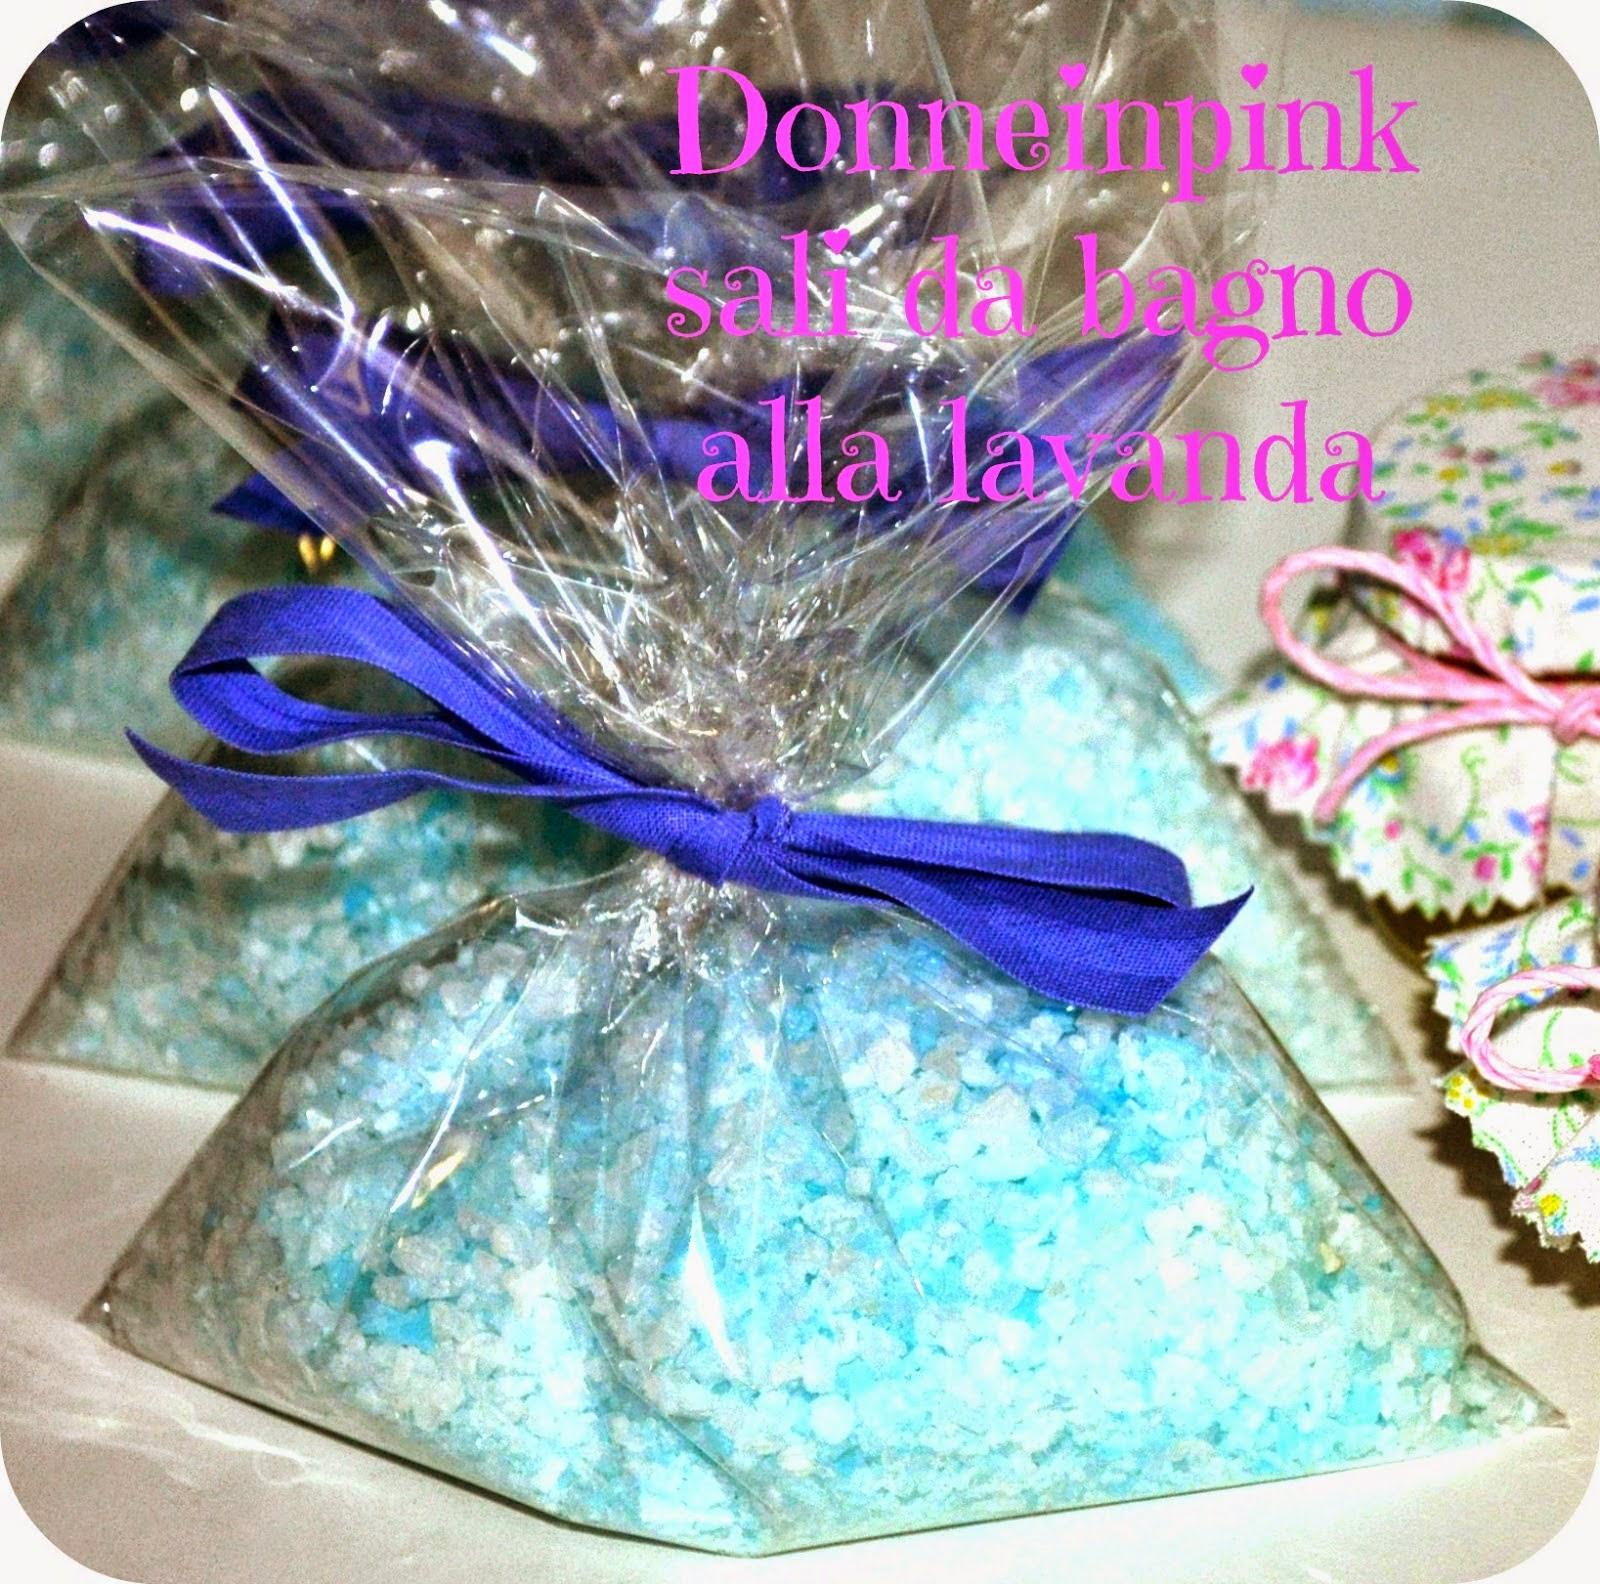 Sali da bagno alla lavanda fai da te - Idea regalo | donneinpink ...